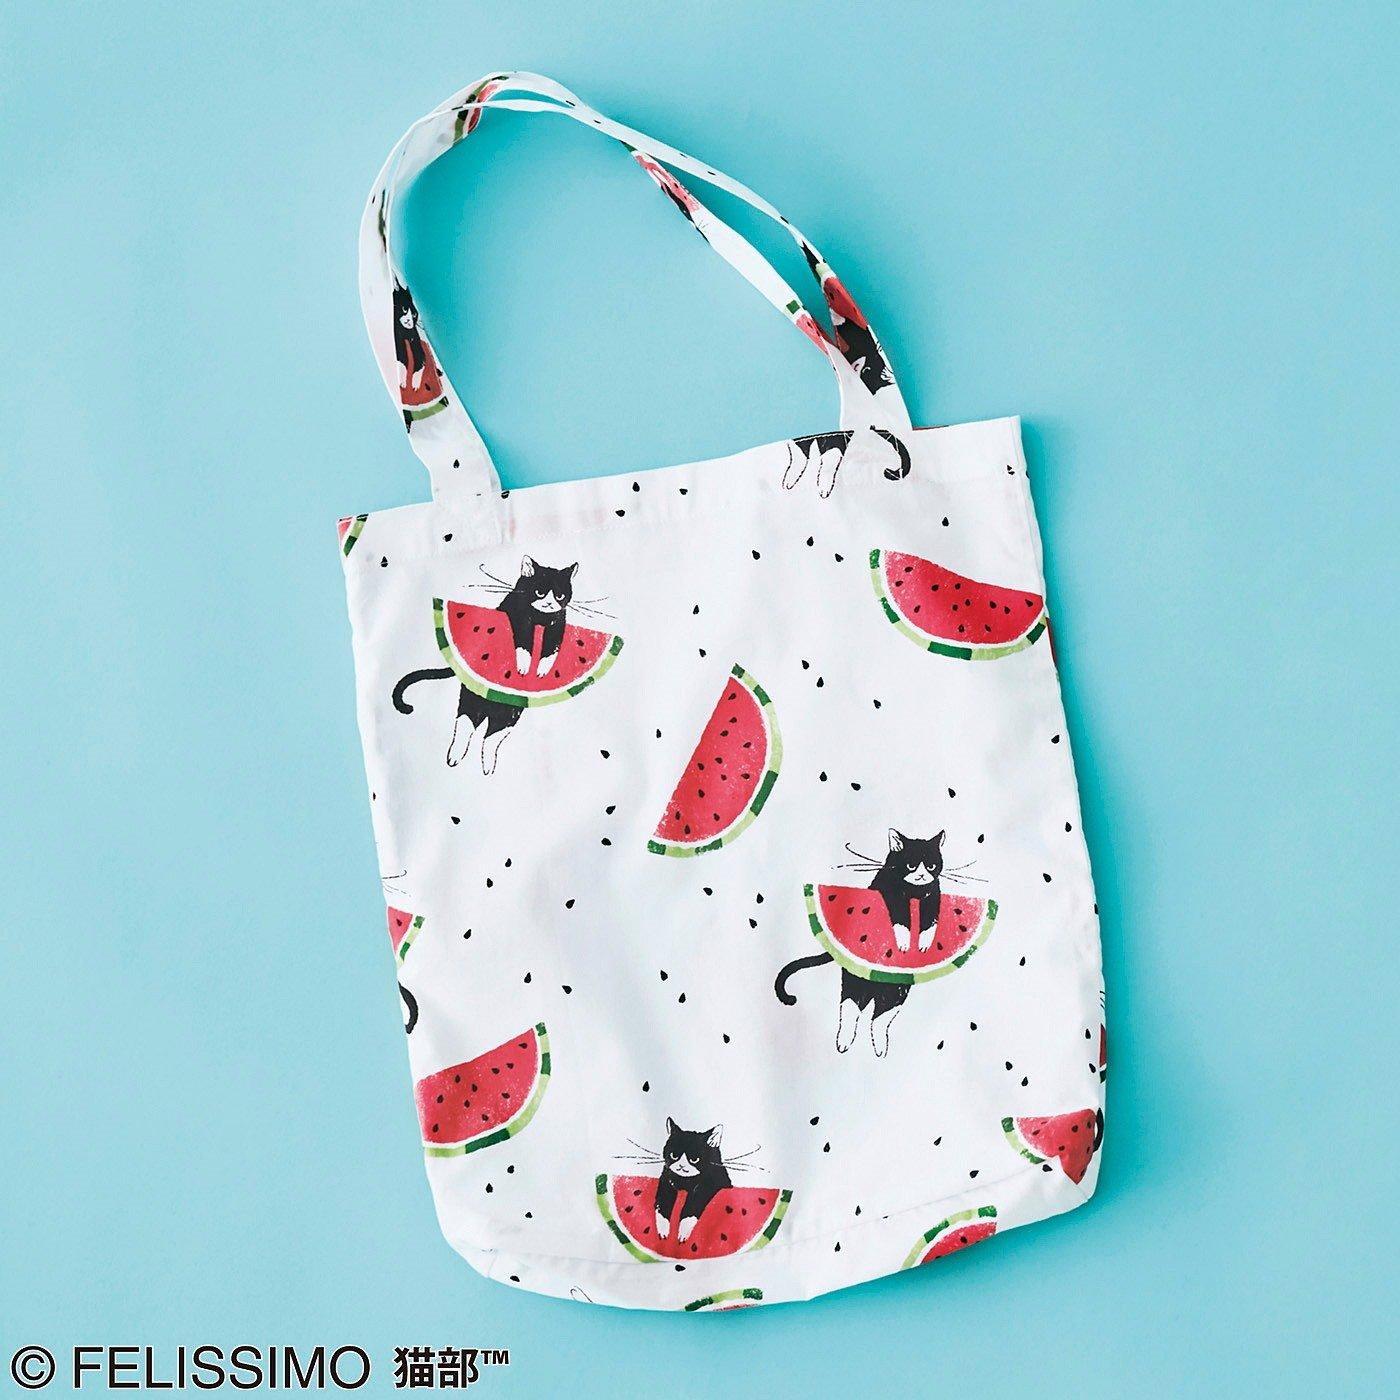 ゆる~りバカンス ハチワレ猫とスイカのくったりバッグ